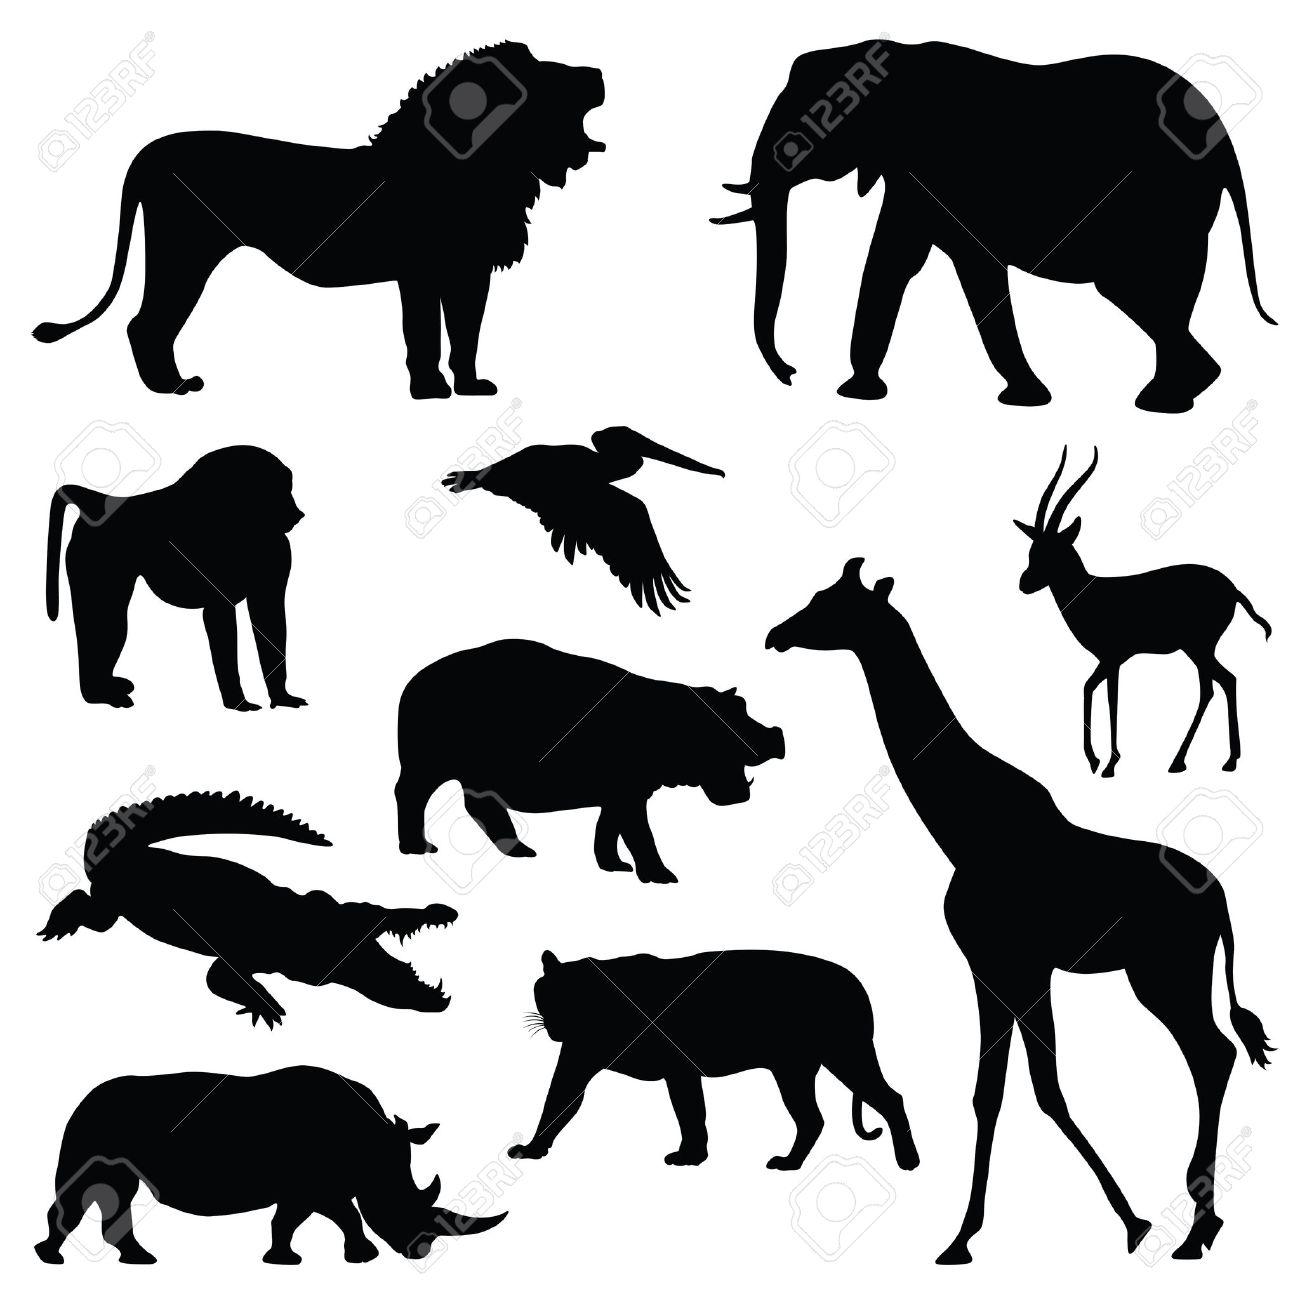 サファリ動物のシルエット イラスト セット ロイヤリティフリークリップ